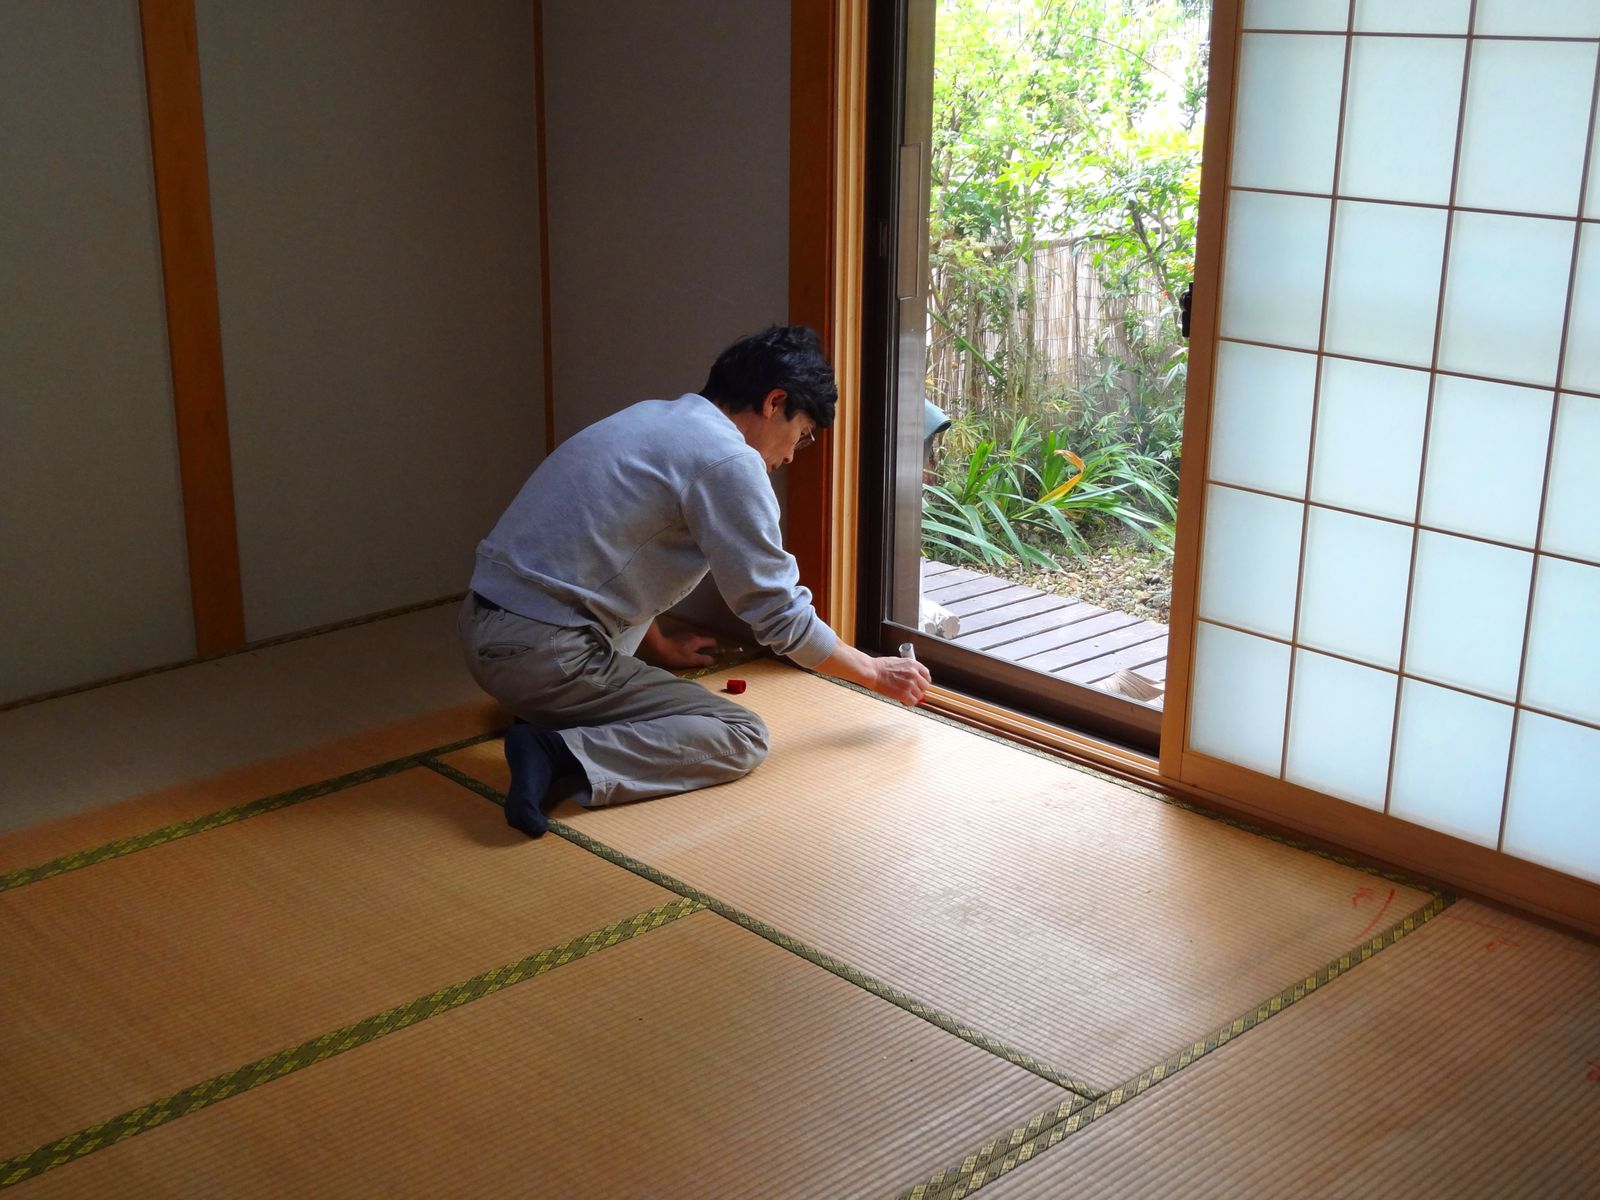 remarquez la décoloration sous le meuble que l'on a déplacé! l'artisan a mis des repères sur chaque tatami pour pouvoir les replacer correctement.